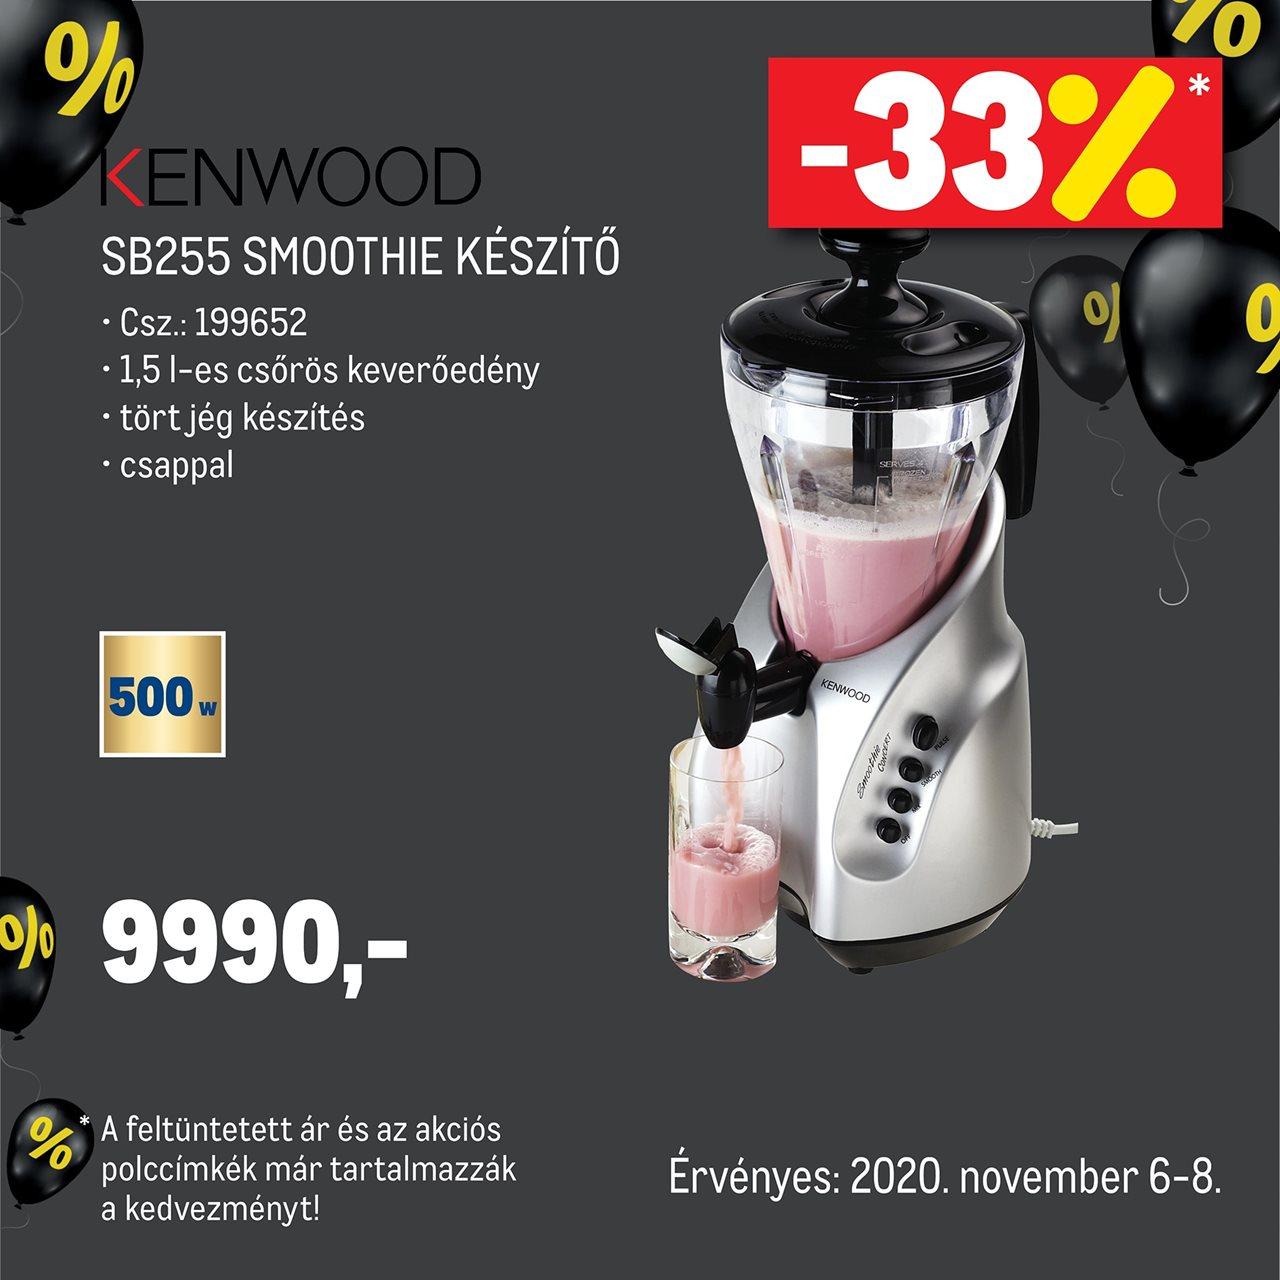 Kenwood SB255 smoothie készítő